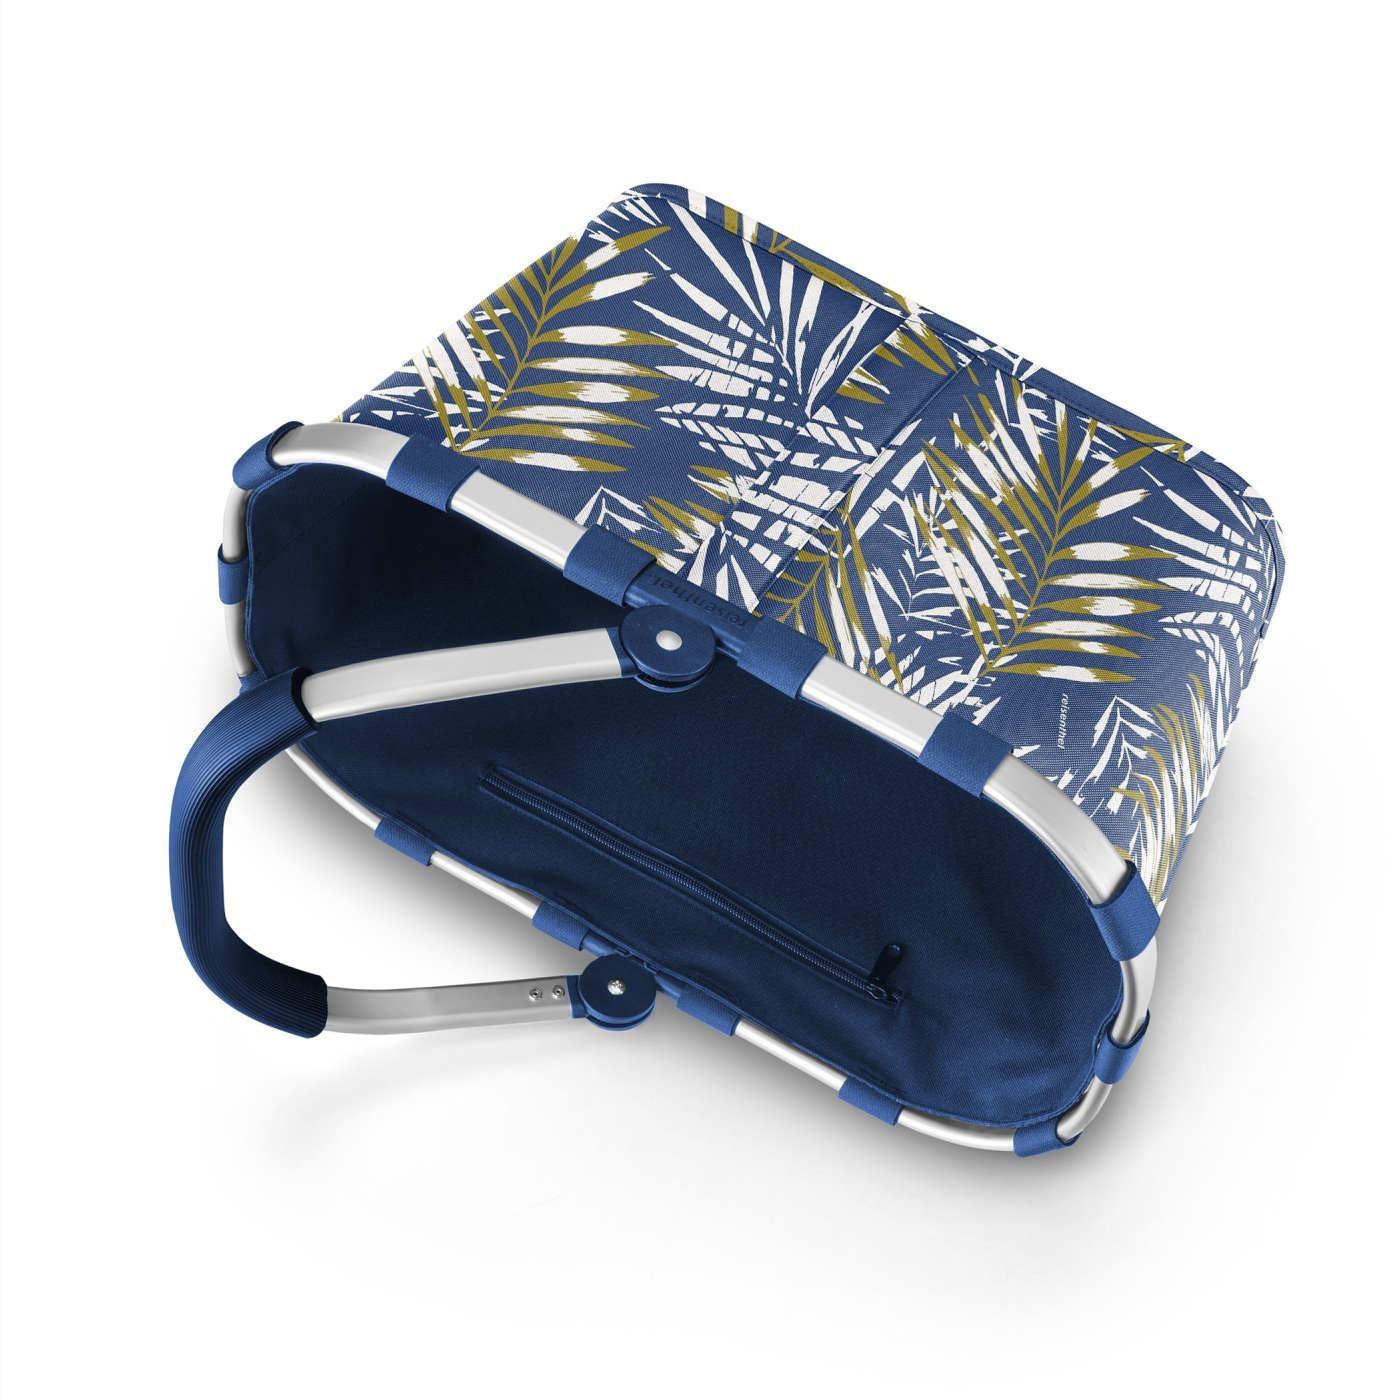 Nákupní košík Carrybag jungle space blue_1